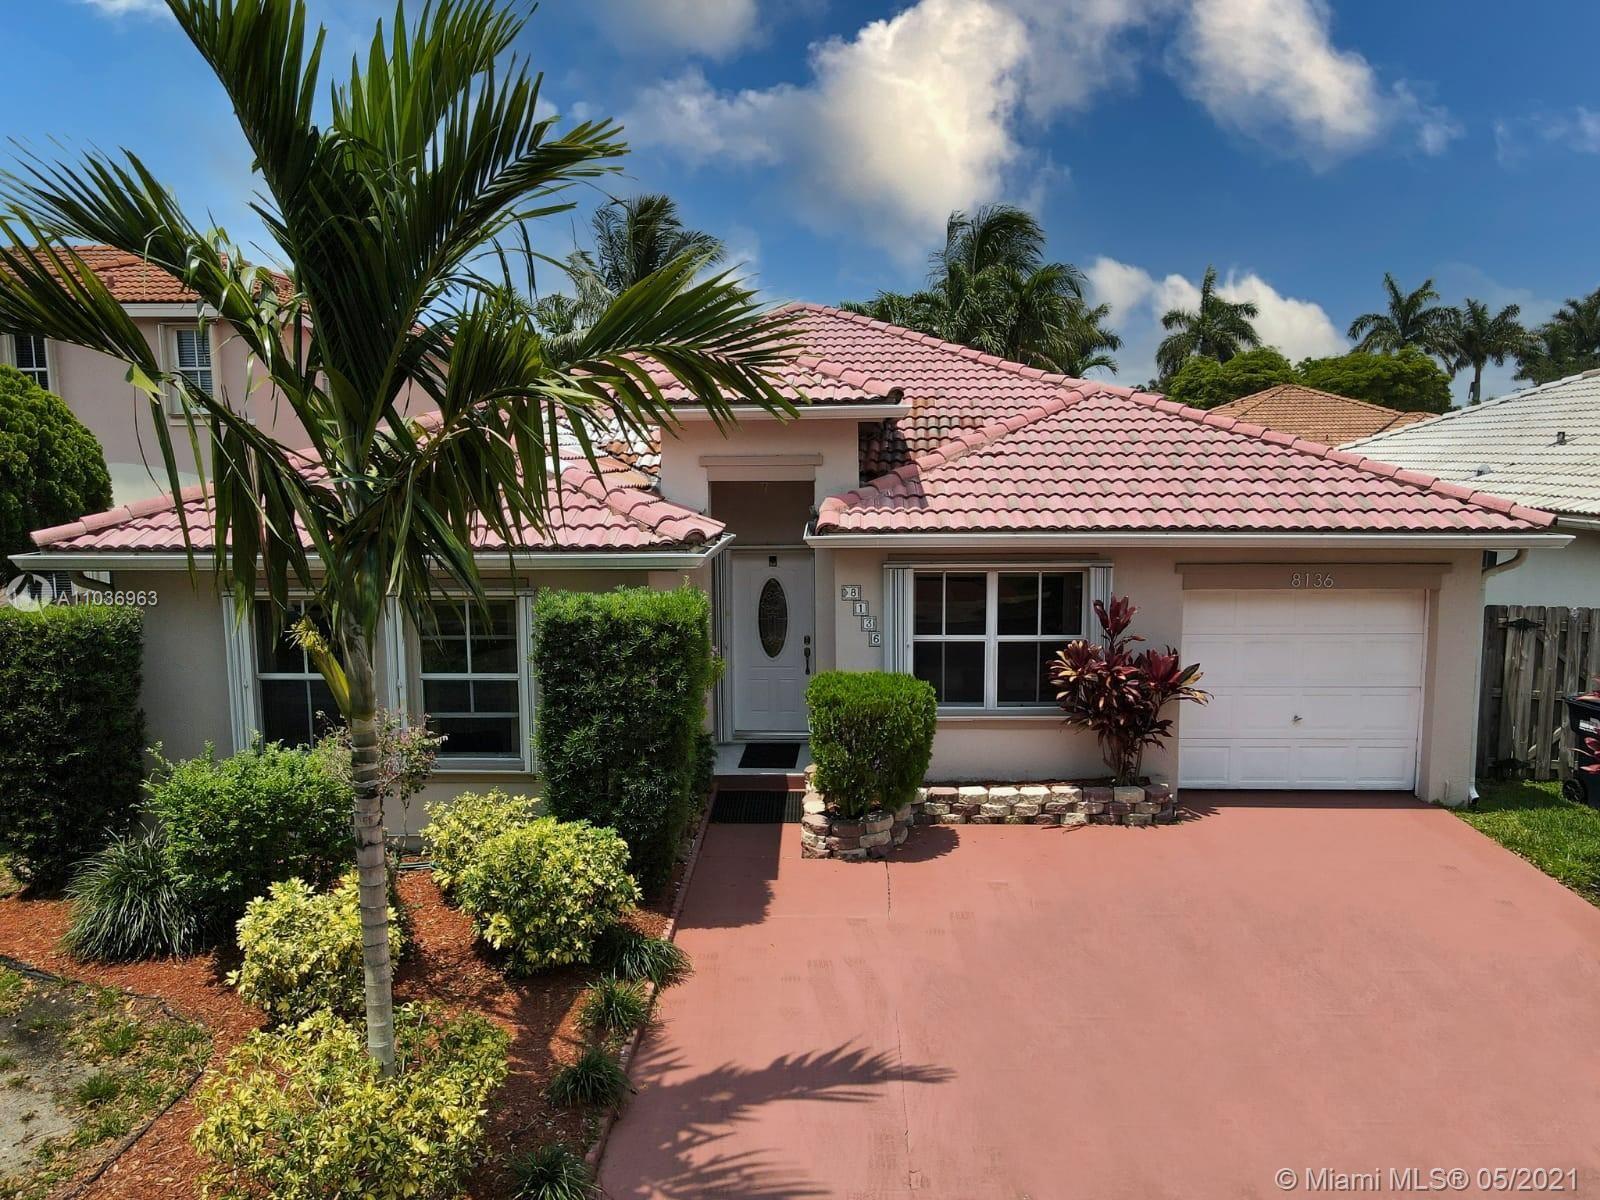 8136 SW 163rd Ct, Miami, FL 33193 - #: A11036963